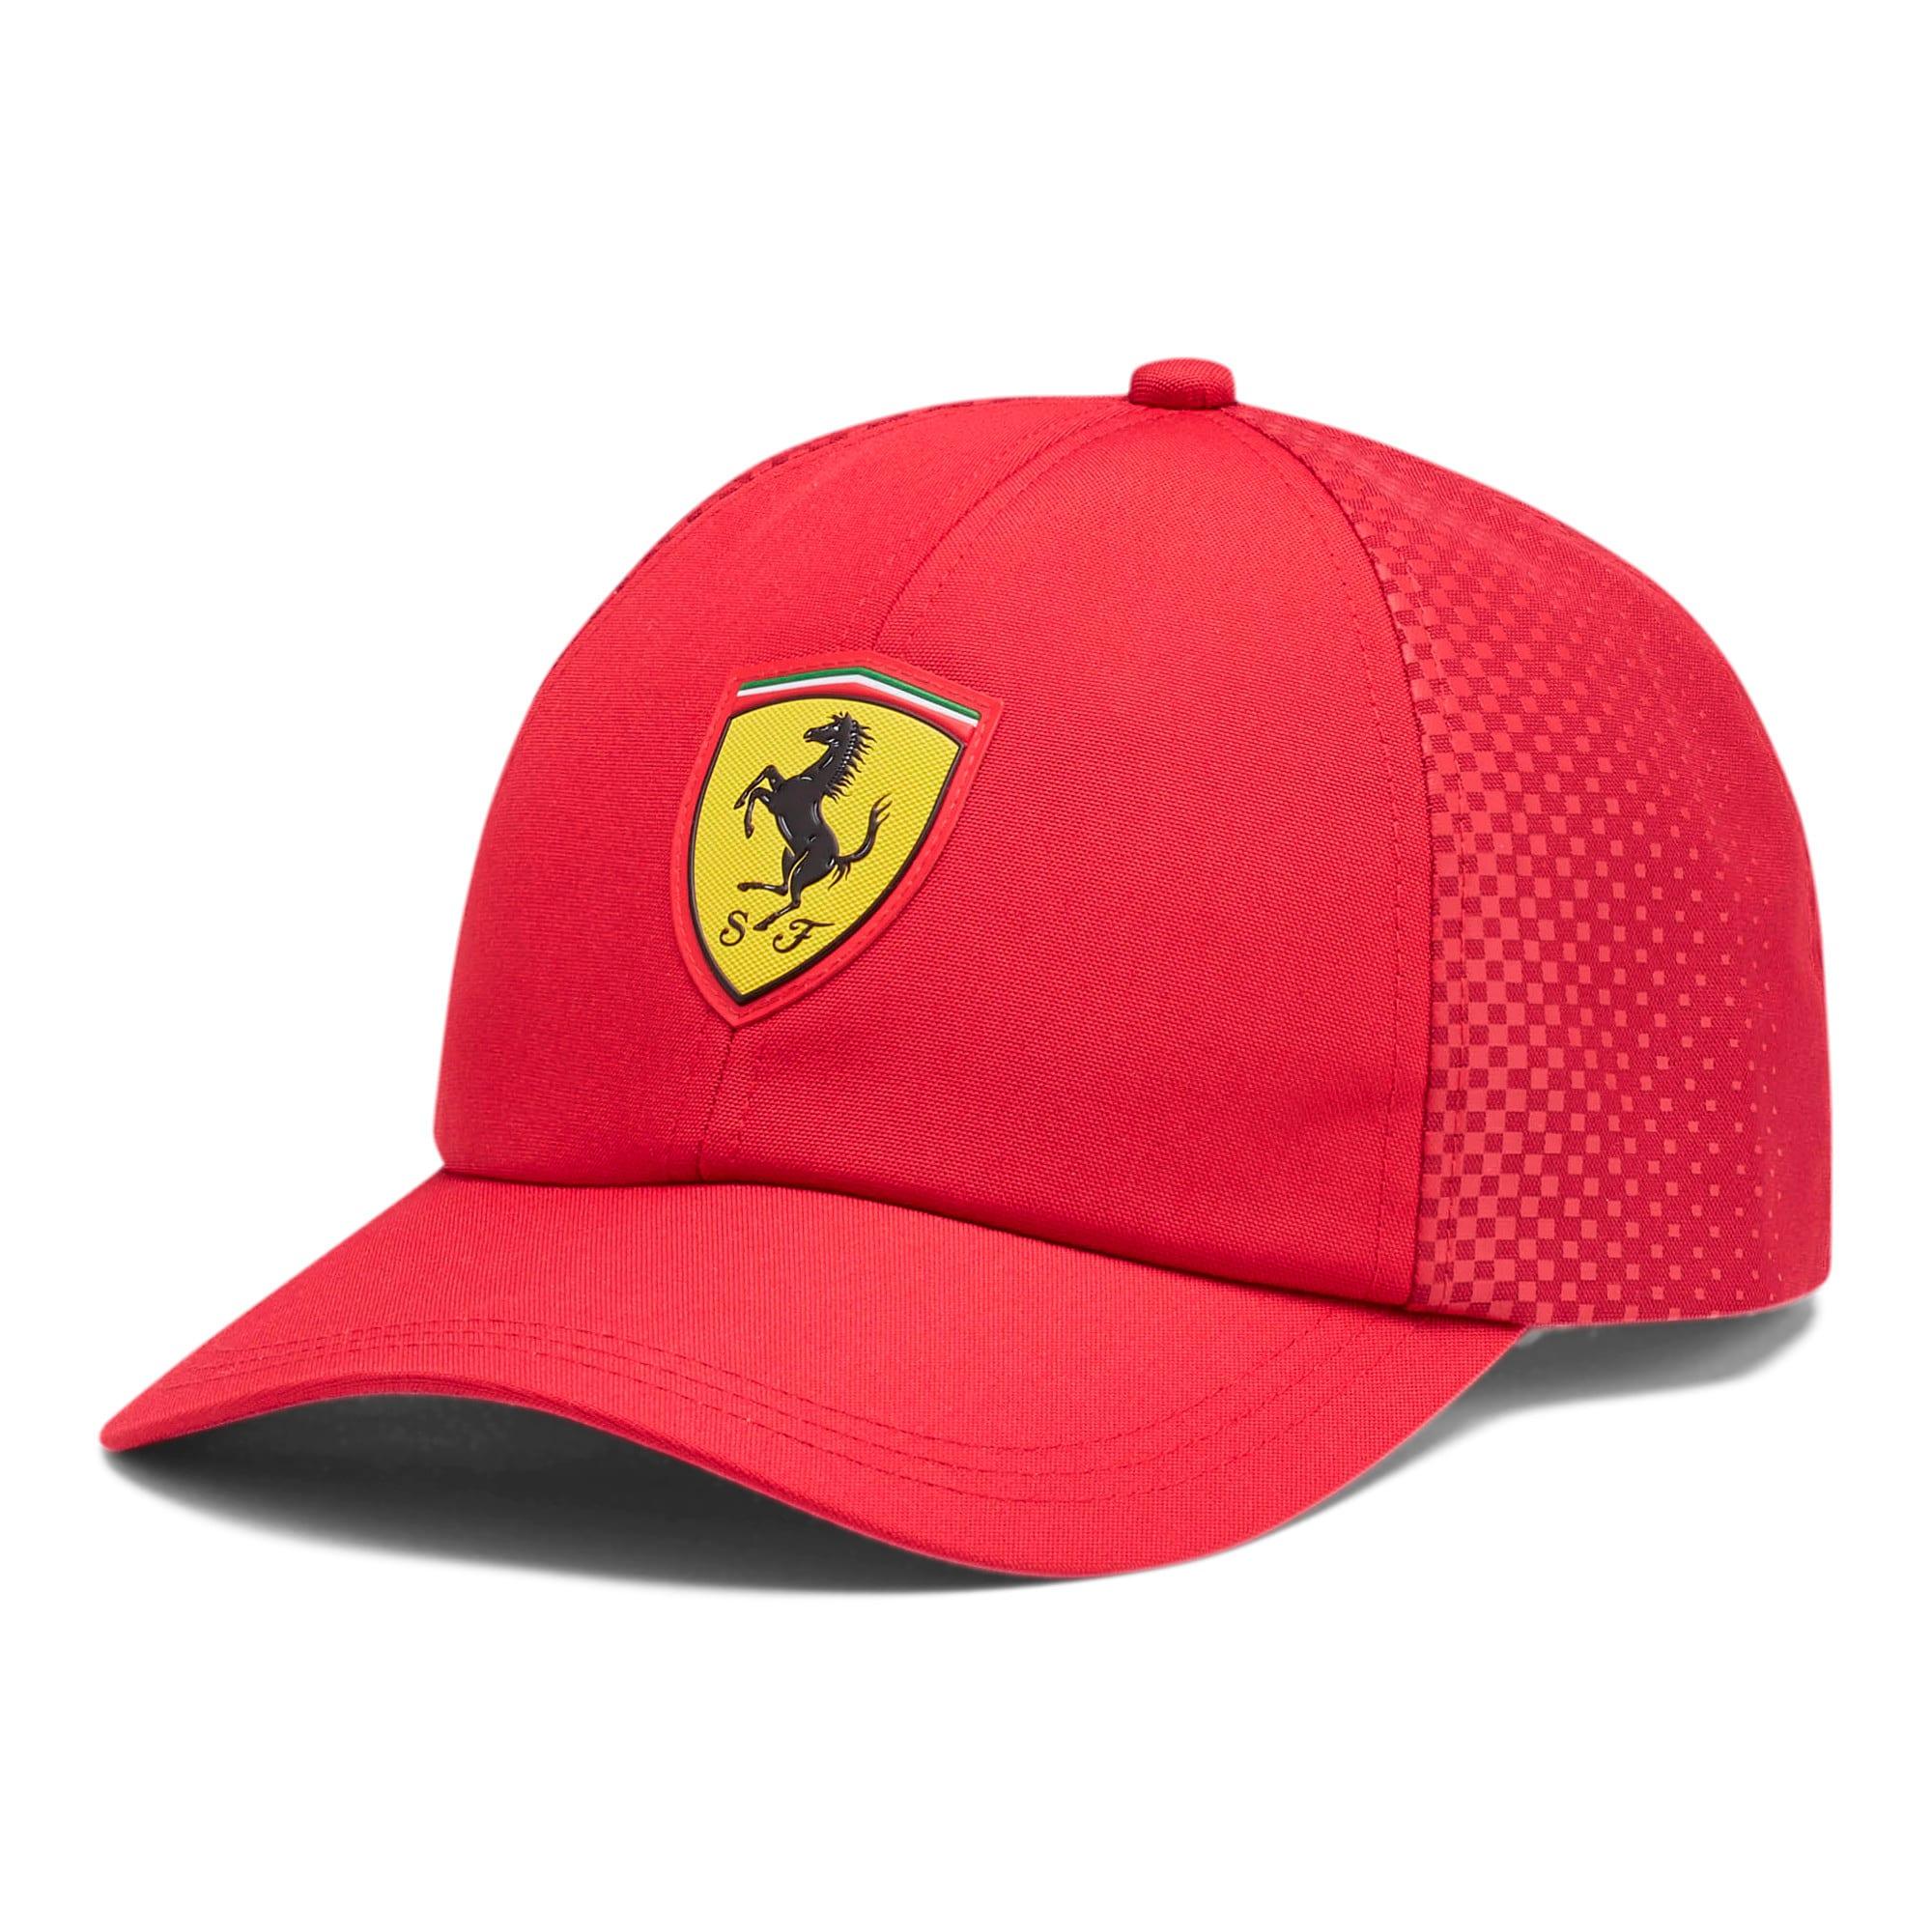 Thumbnail 1 of Scuderia Ferrari Replica Team Cap, Rosso Corsa, medium